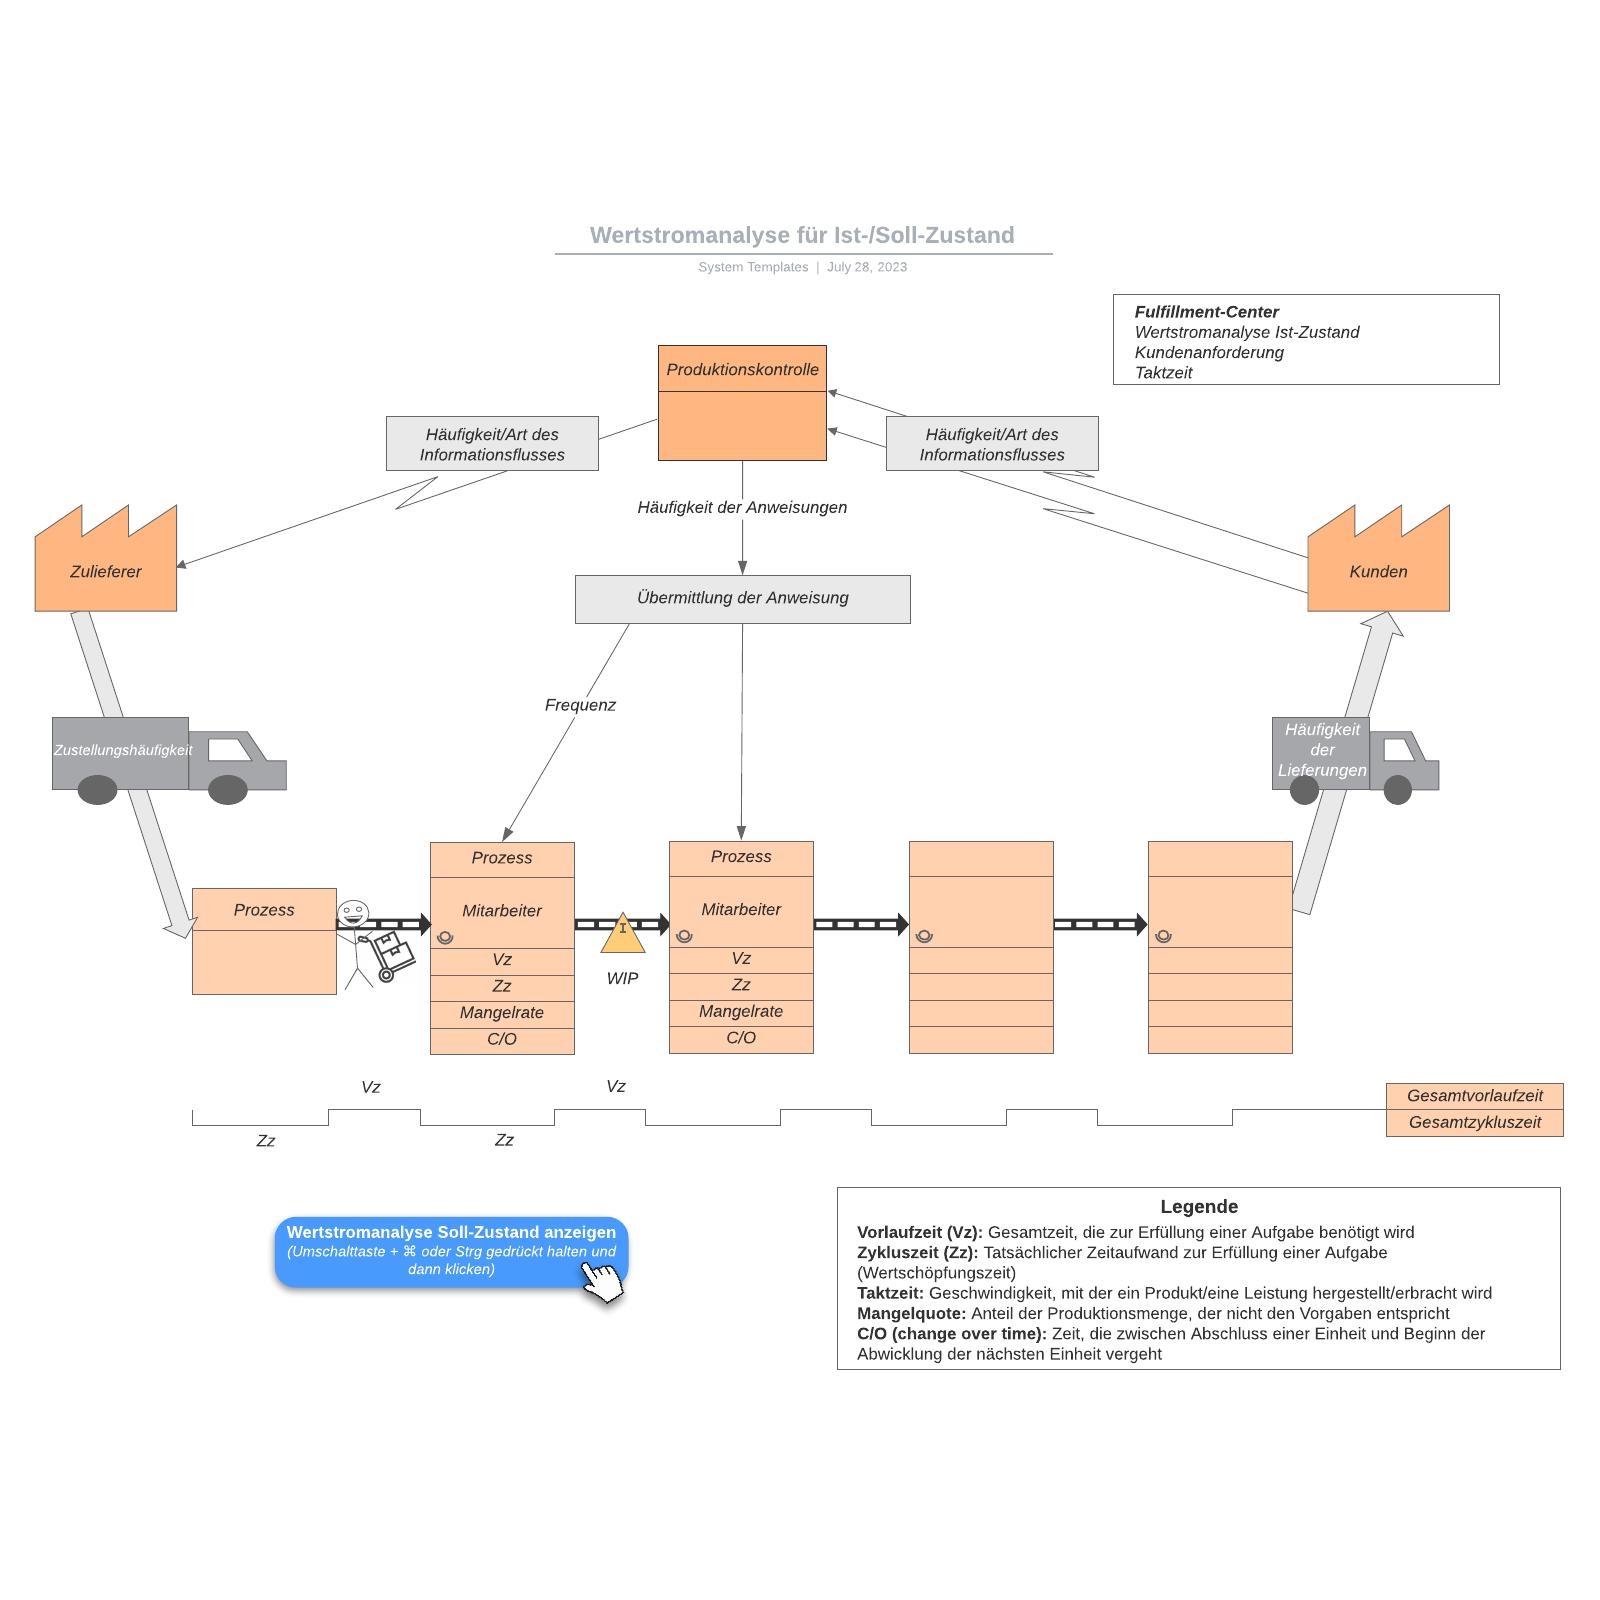 Wertstromanalyse für Ist-/Soll-Zustand - Vorlage